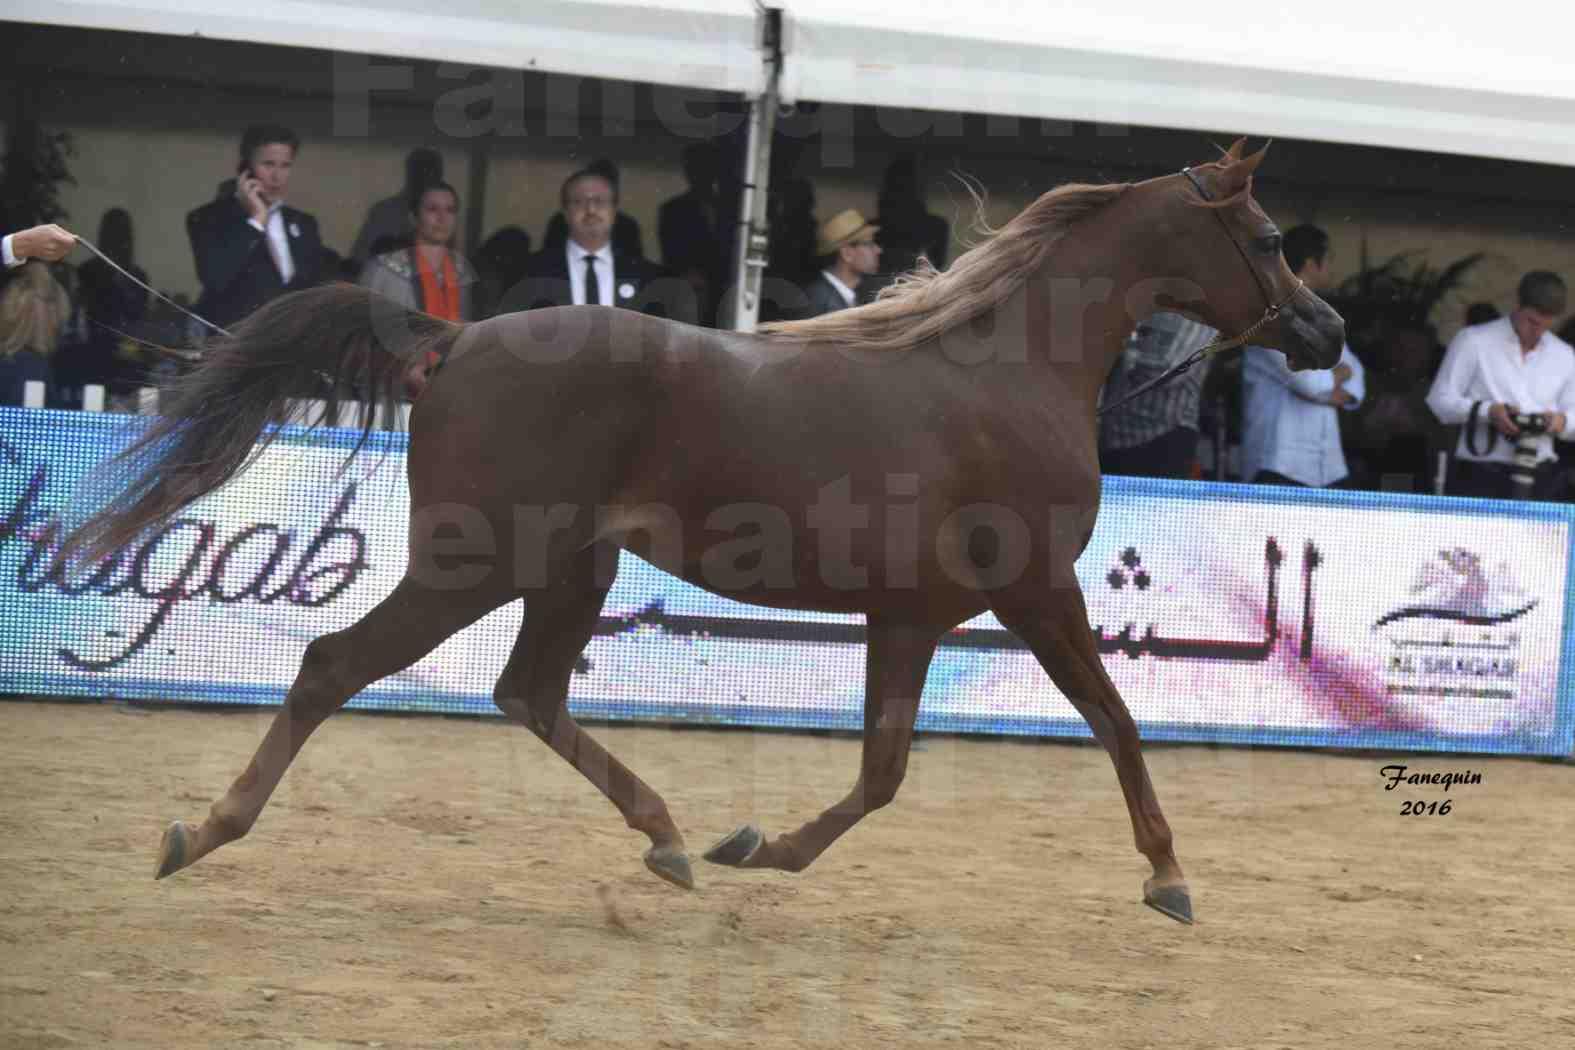 Championnat du pur-sang arabe de la Méditerranée et des pays arabes - MENTON 2016 - ELLE FLAMENCA - Notre Sélection - 12